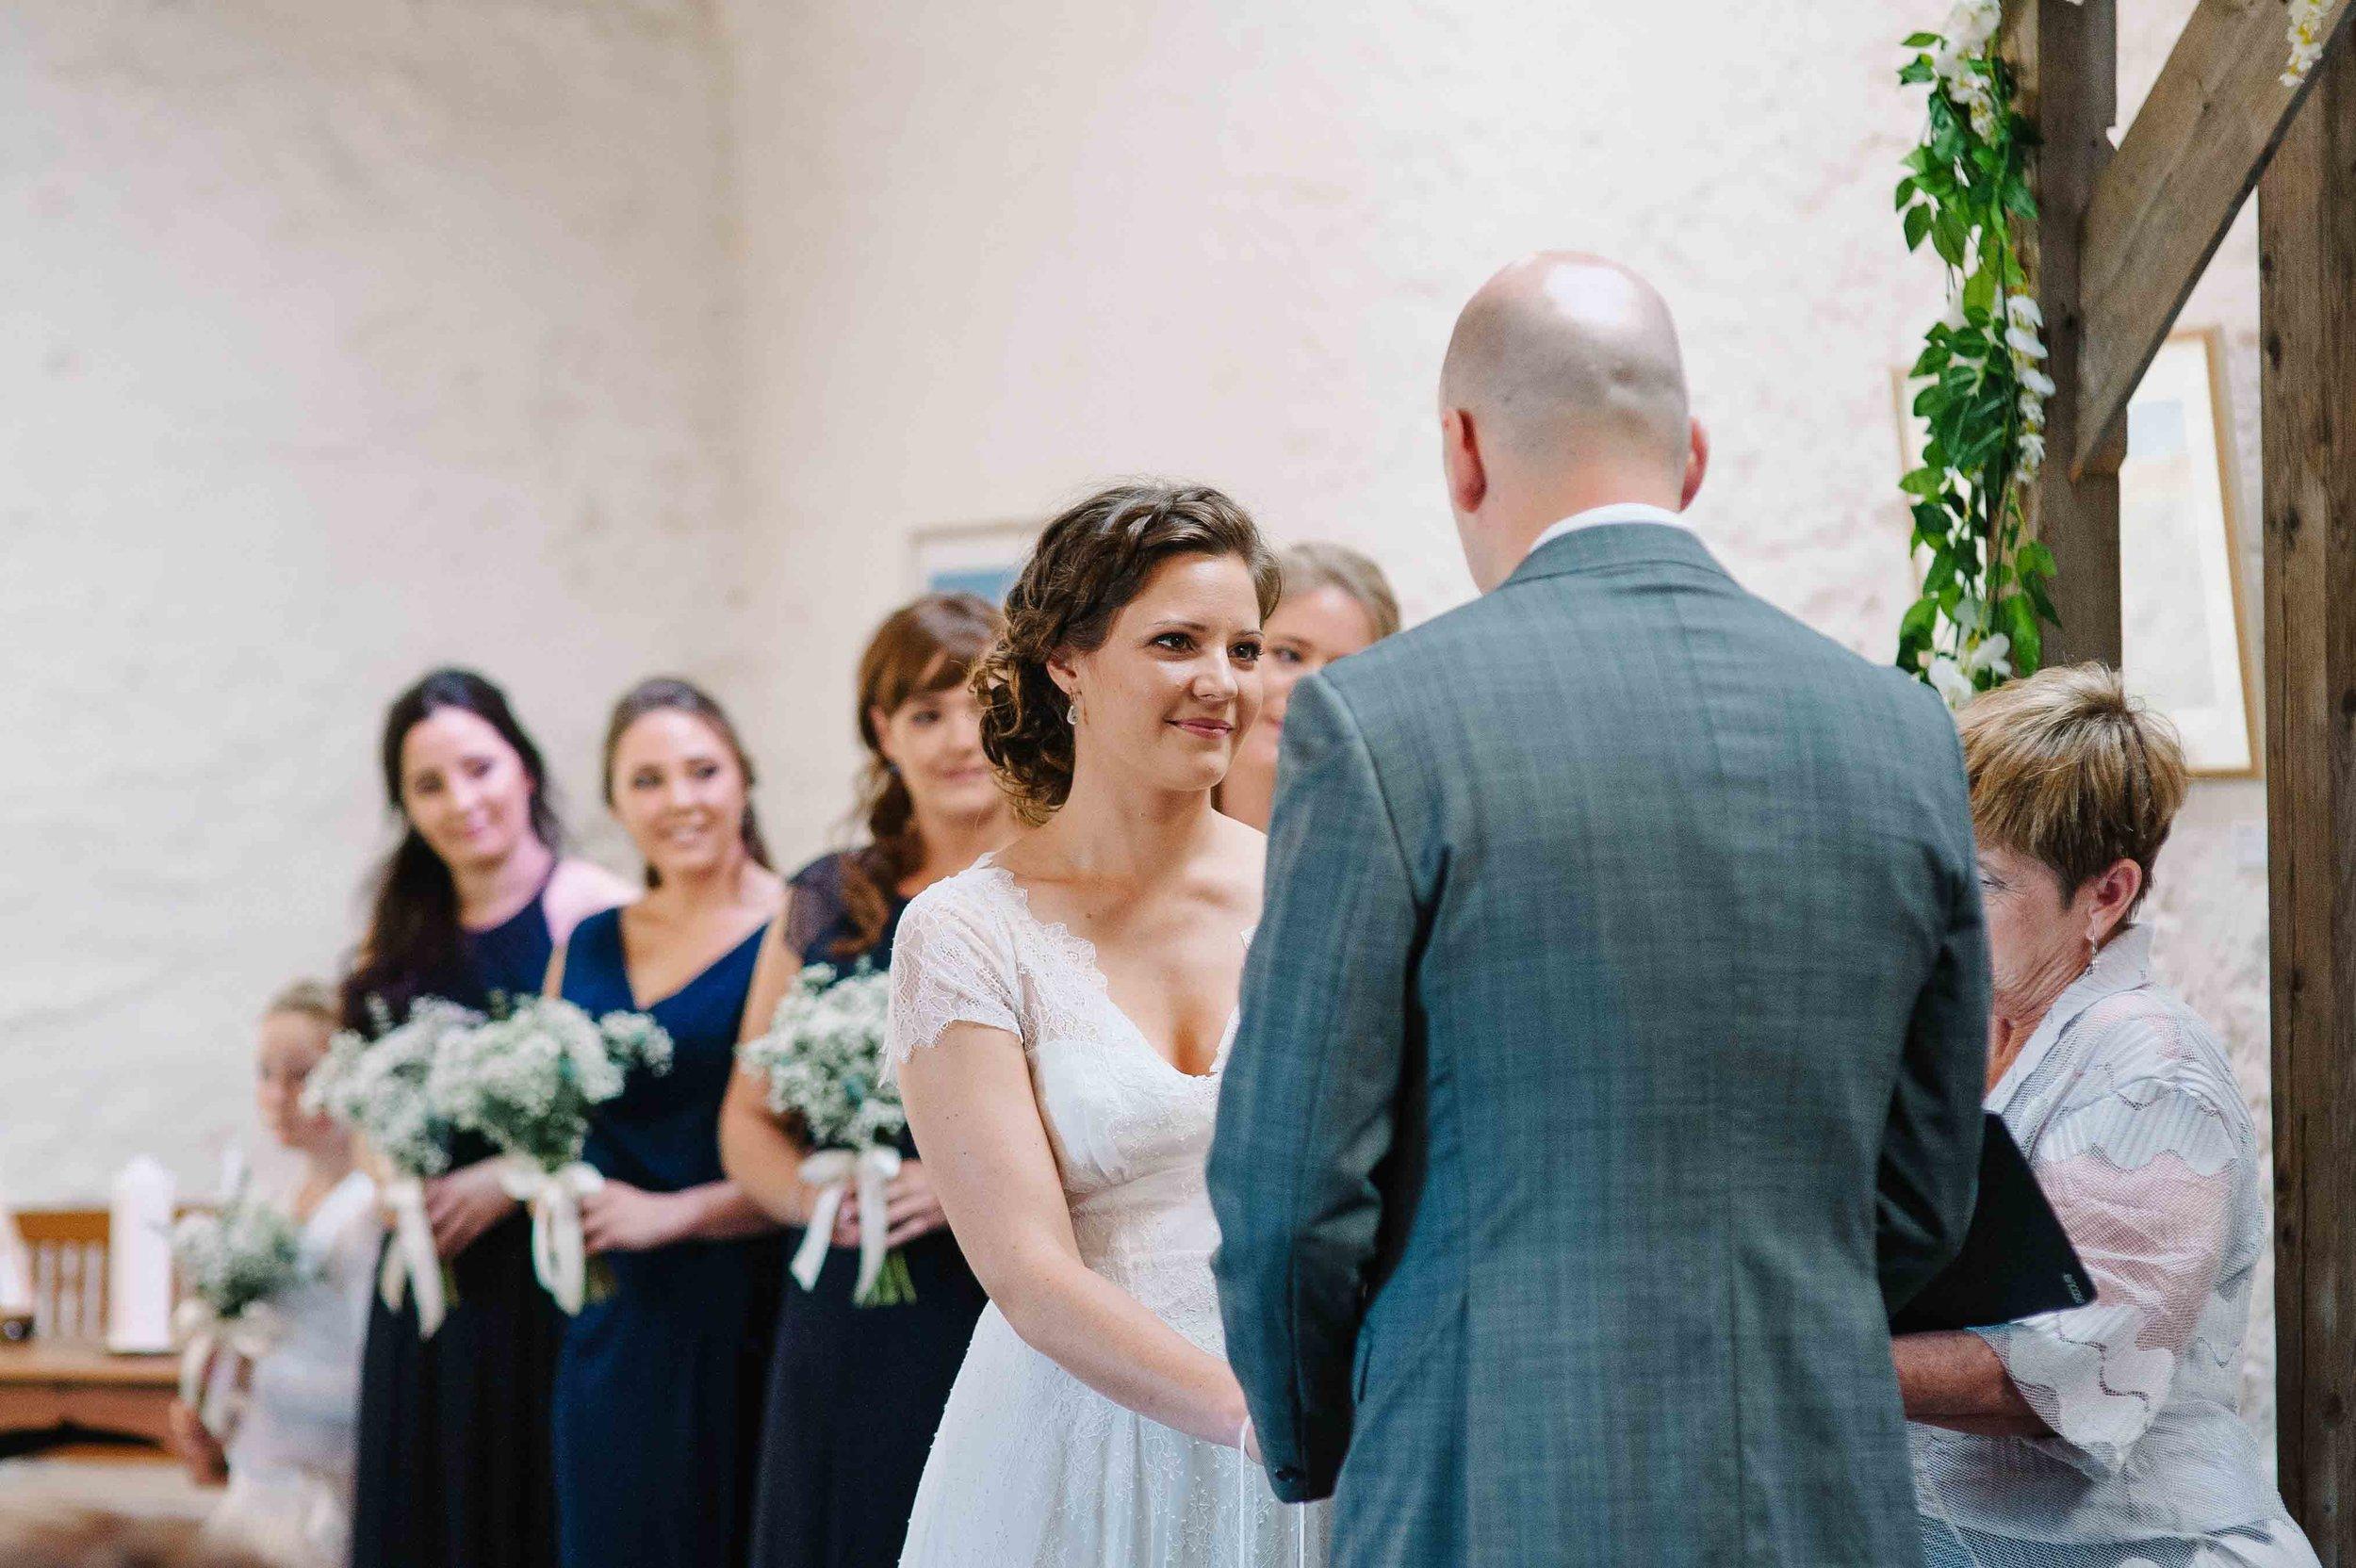 32-natural weddings fremantle.jpg